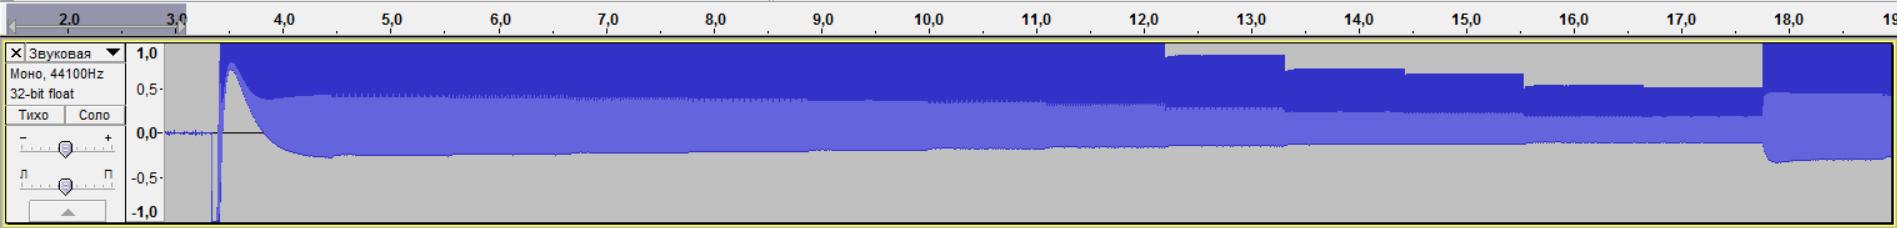 Переходим с STM32 на российский микроконтроллер К1986ВЕ92QI. Практическое применение: Генерируем и воспроизводим звук. Часть первая: генерируем прямоугольный и синусоидальный сигнал. Освоение ЦАП (DAC) - 3